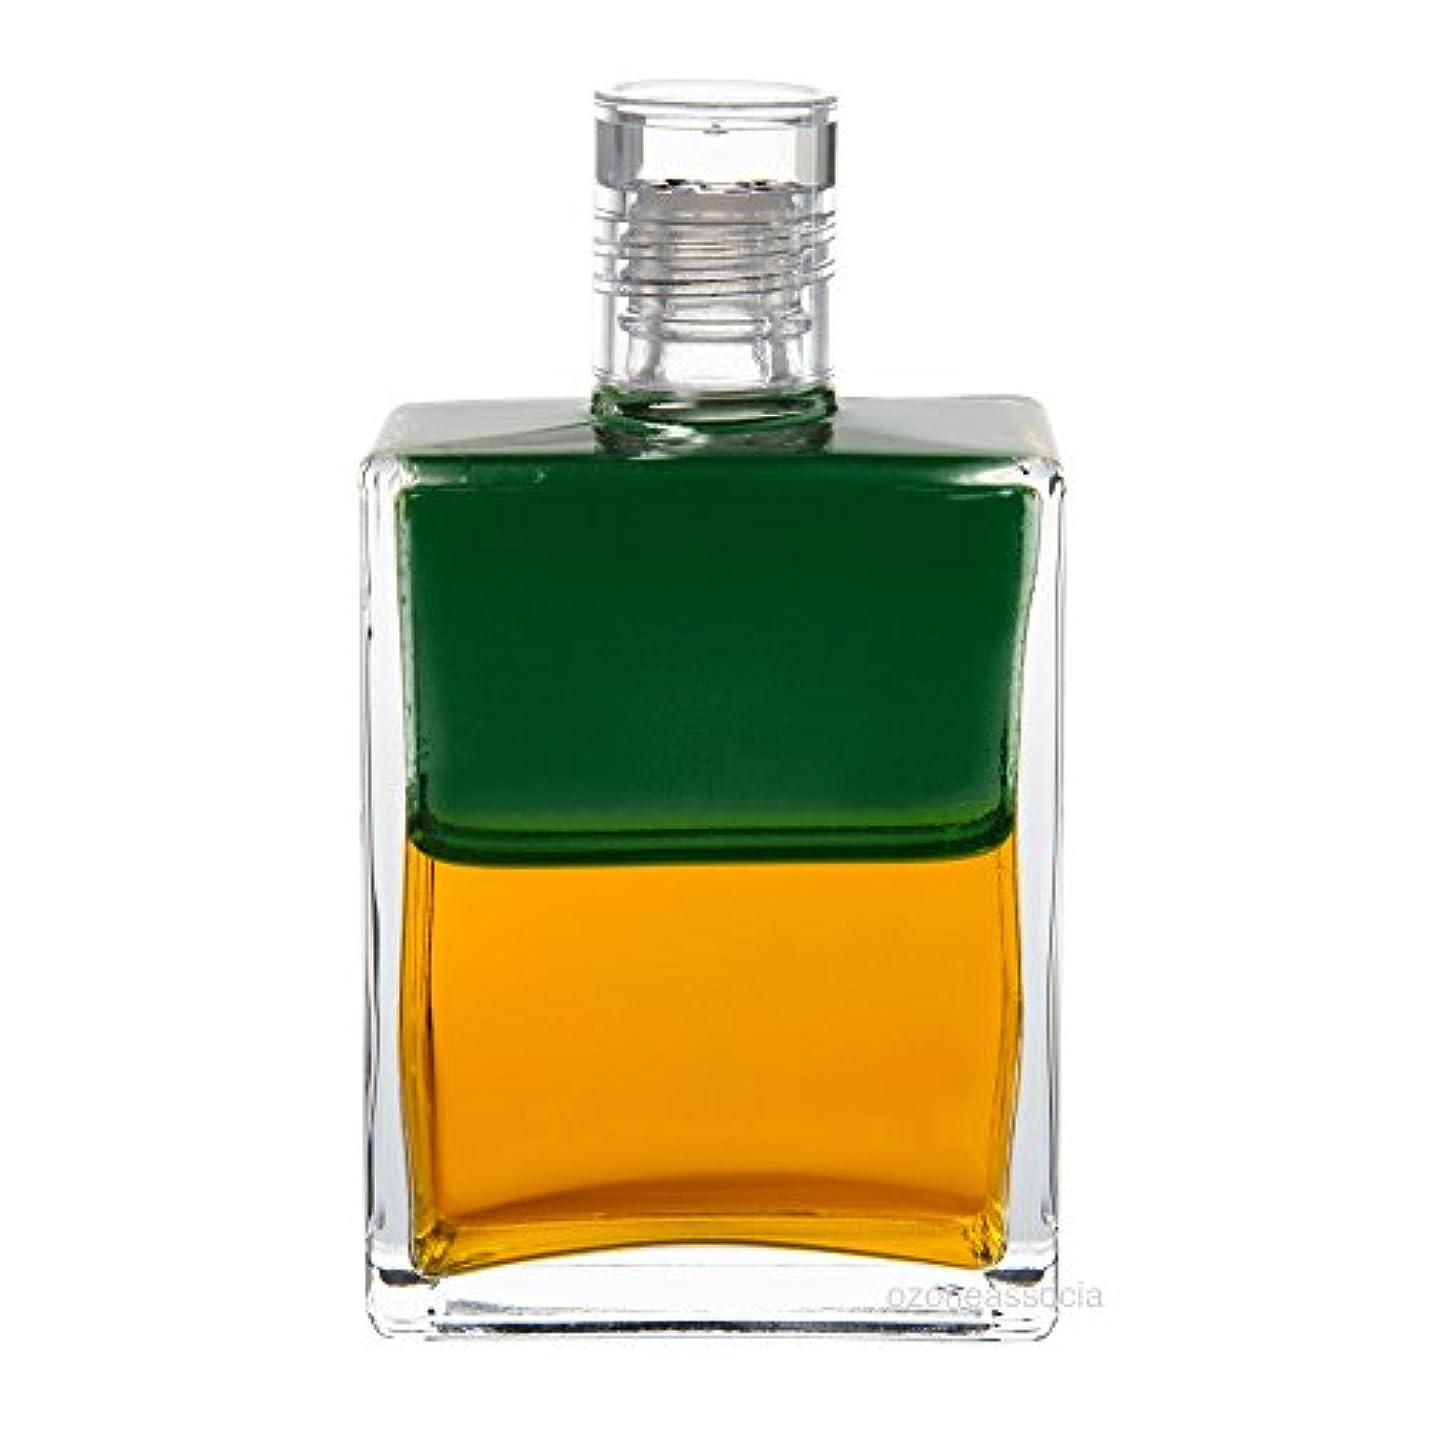 プレゼンテーション著者眠りオーラソーマ ボトル 31番  泉 (グリーン/ゴールド) イクイリブリアムボトル50ml Aurasoma